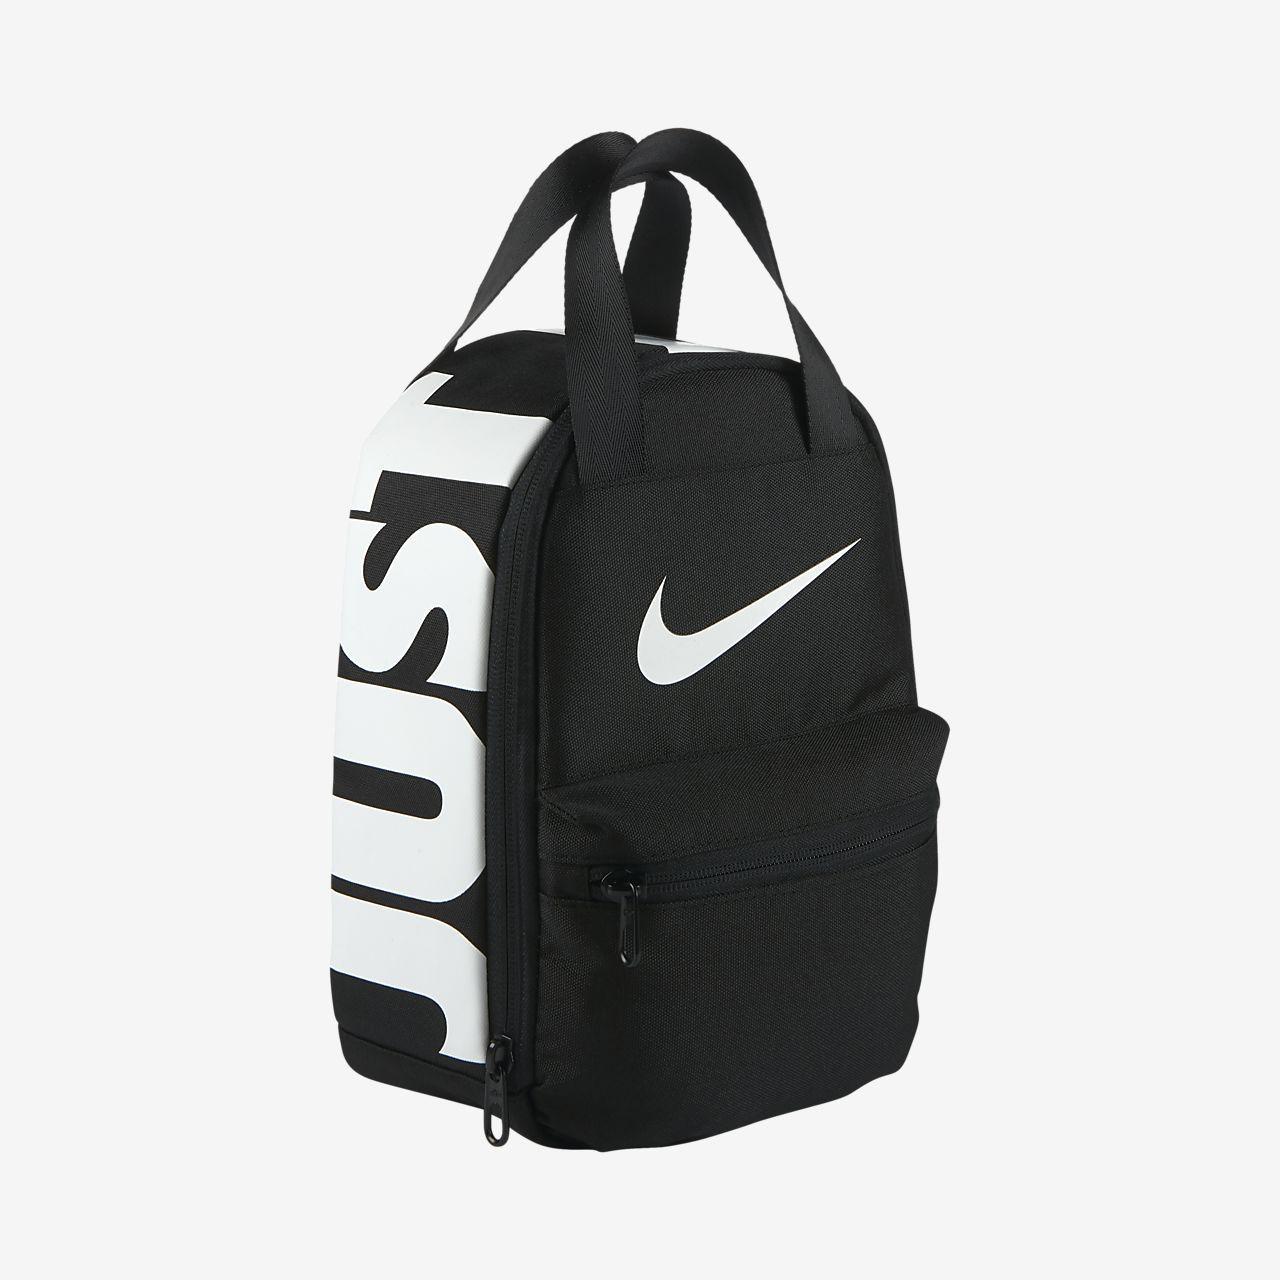 Nike Brasilia Bolsa aislante para alimentos